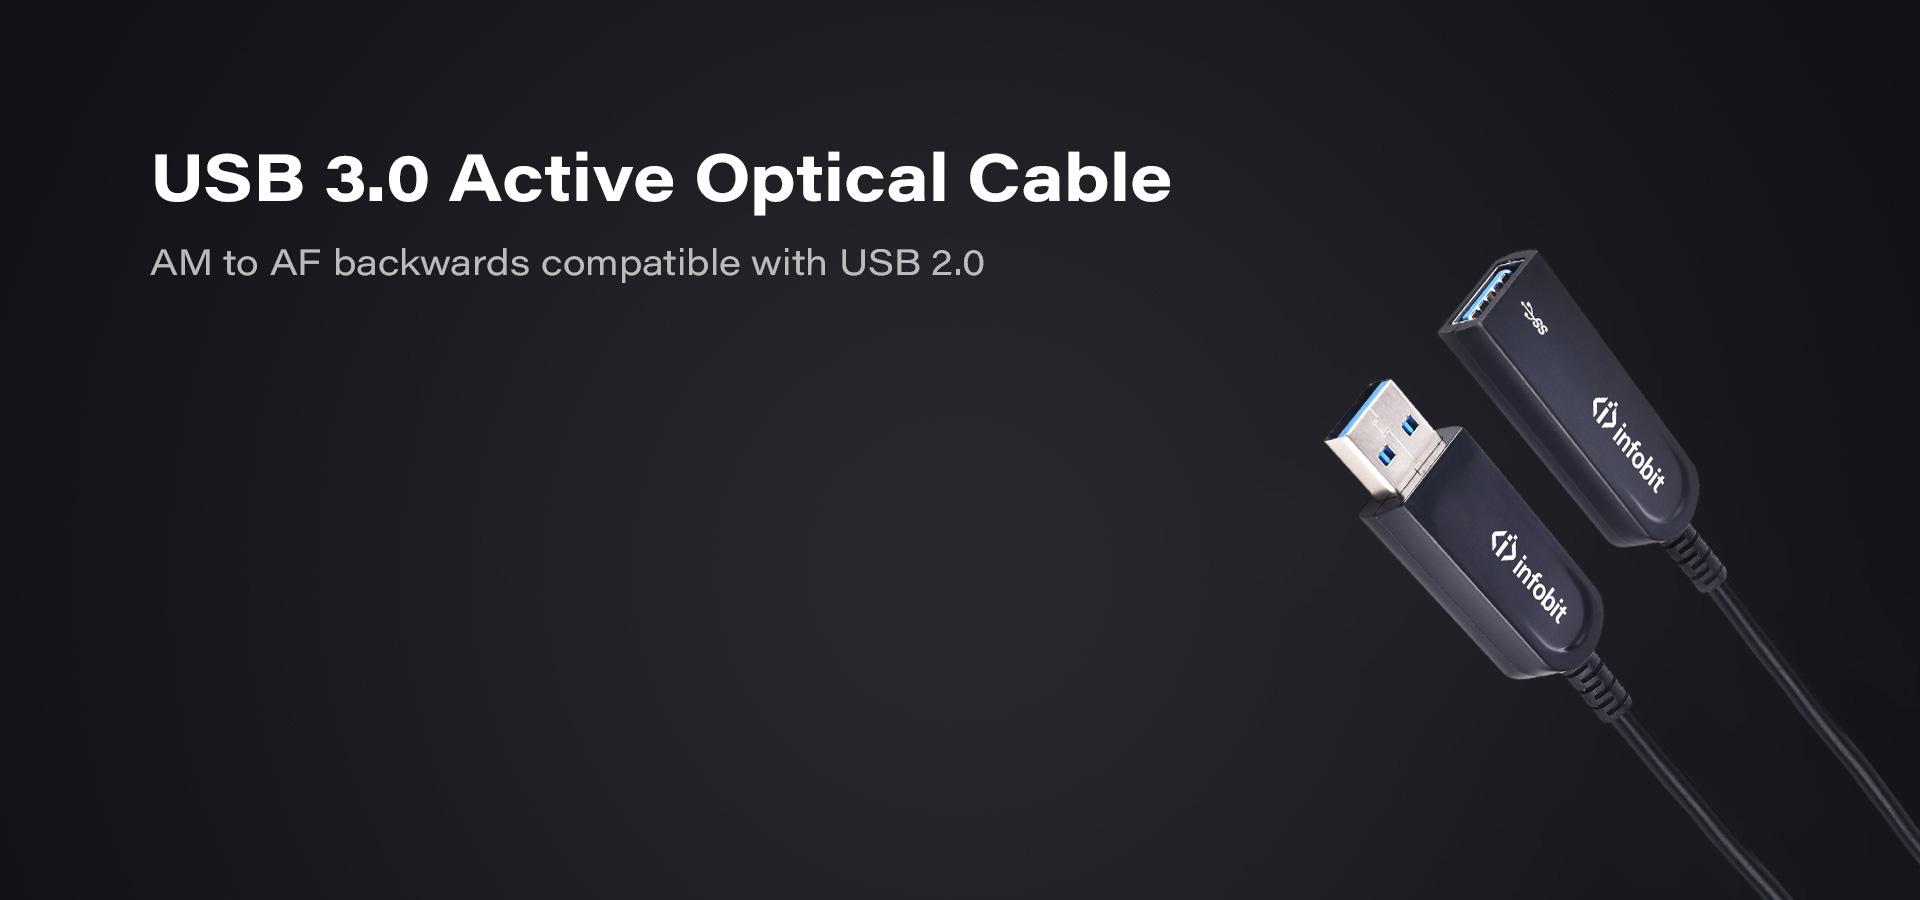 USB 3.0 Active Optical Fiber Cable AOC